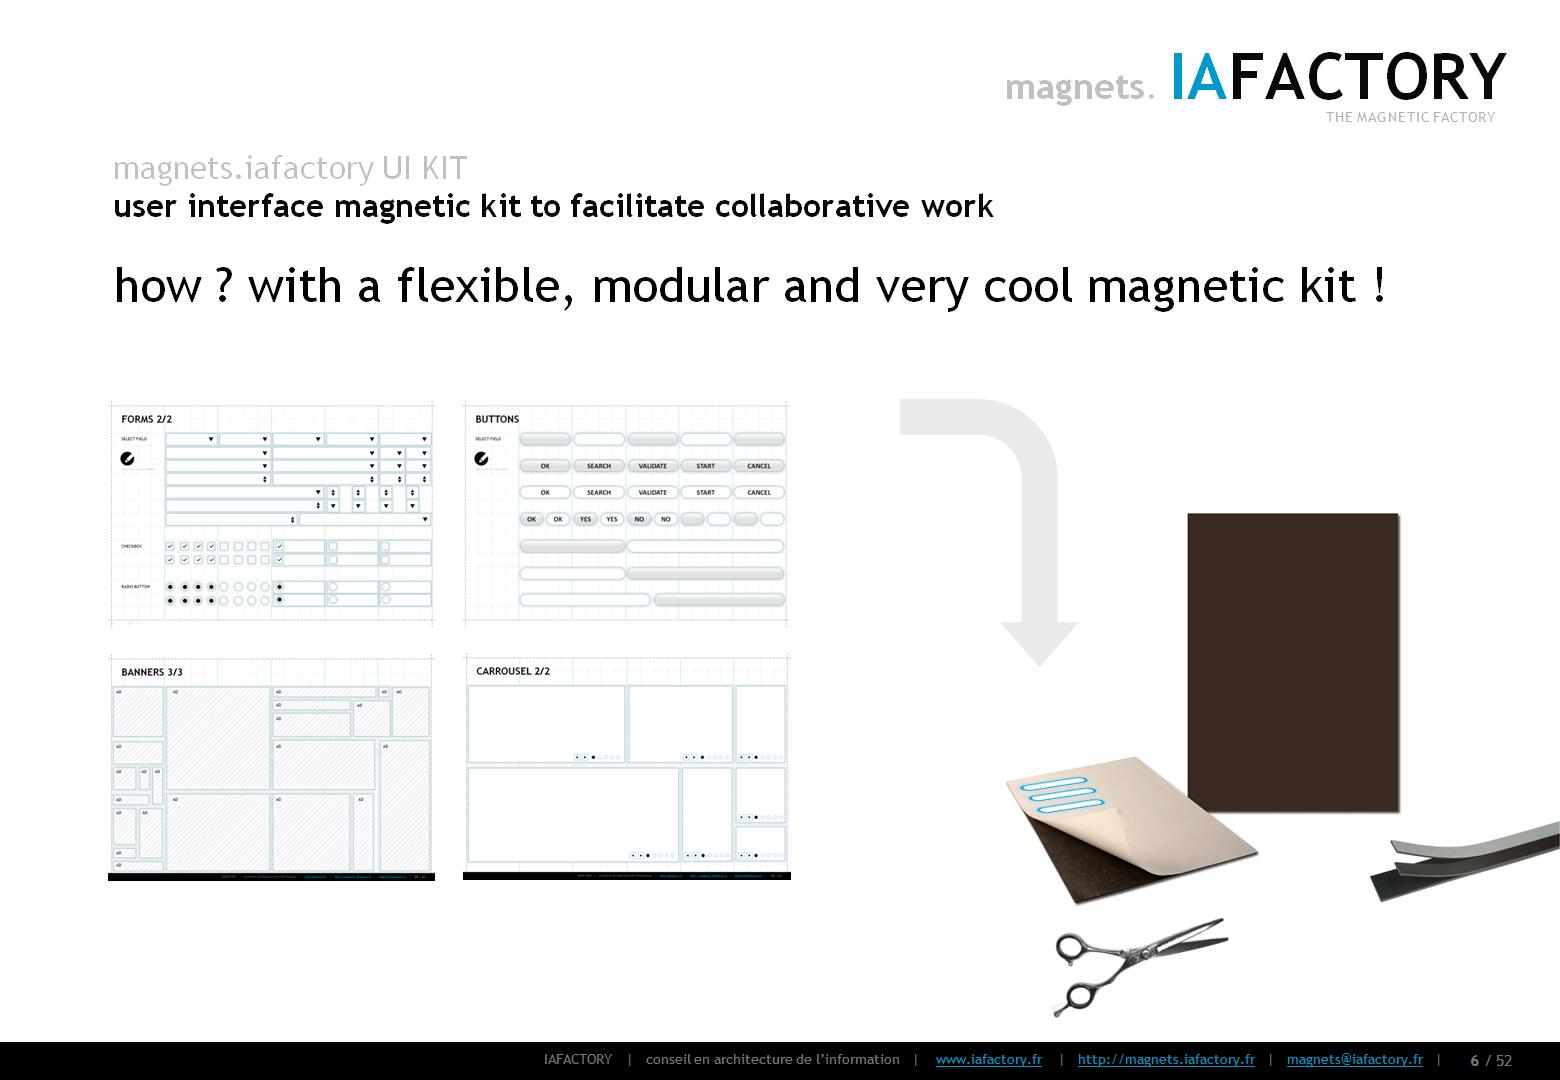 magnets.iafactory (interface utilisateur magnétique) concept 04